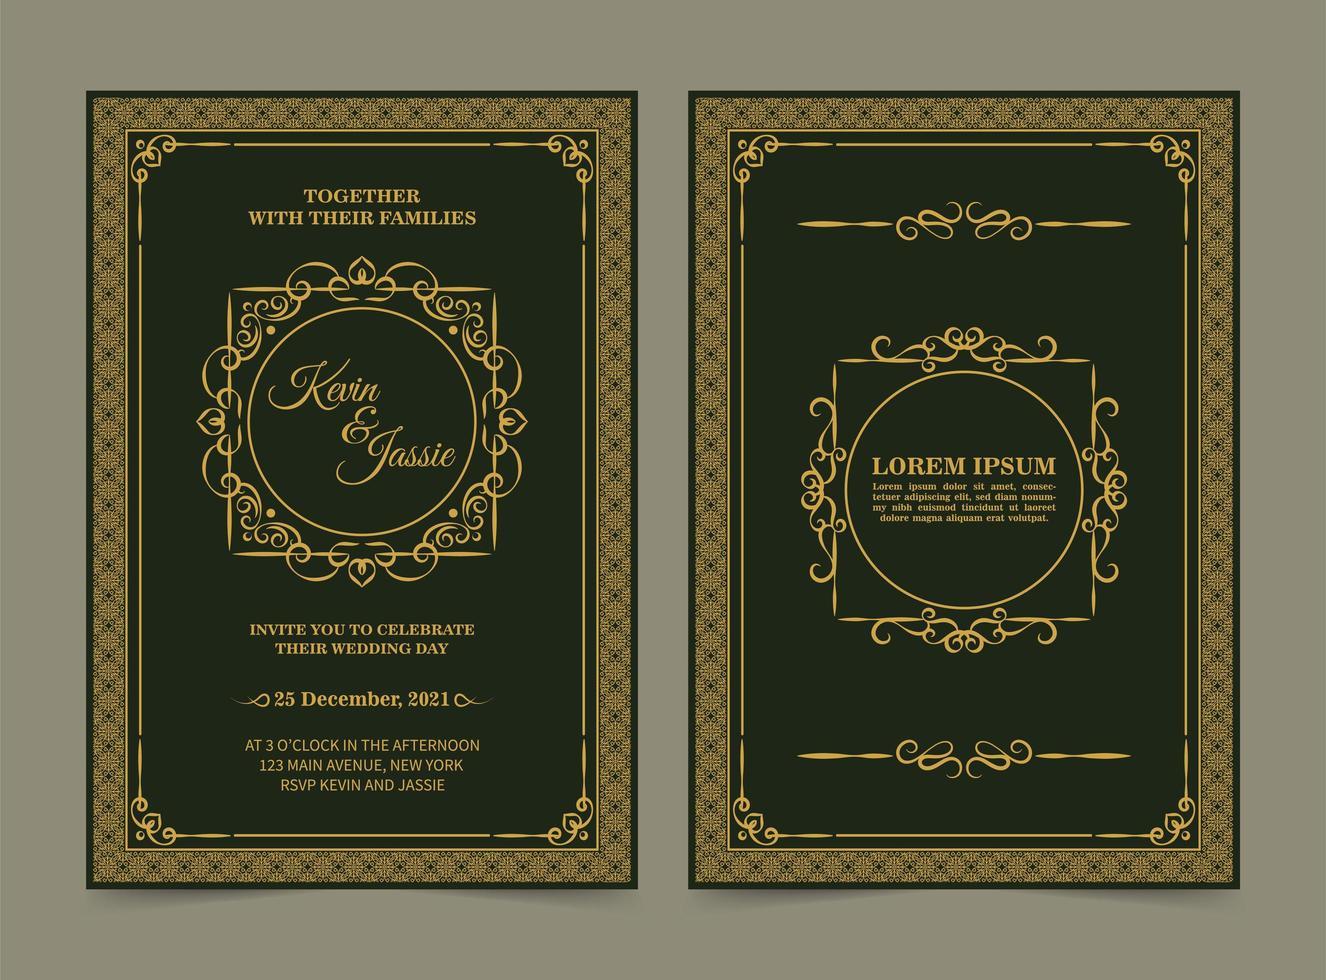 carta di invito matrimonio classico elegante vettore